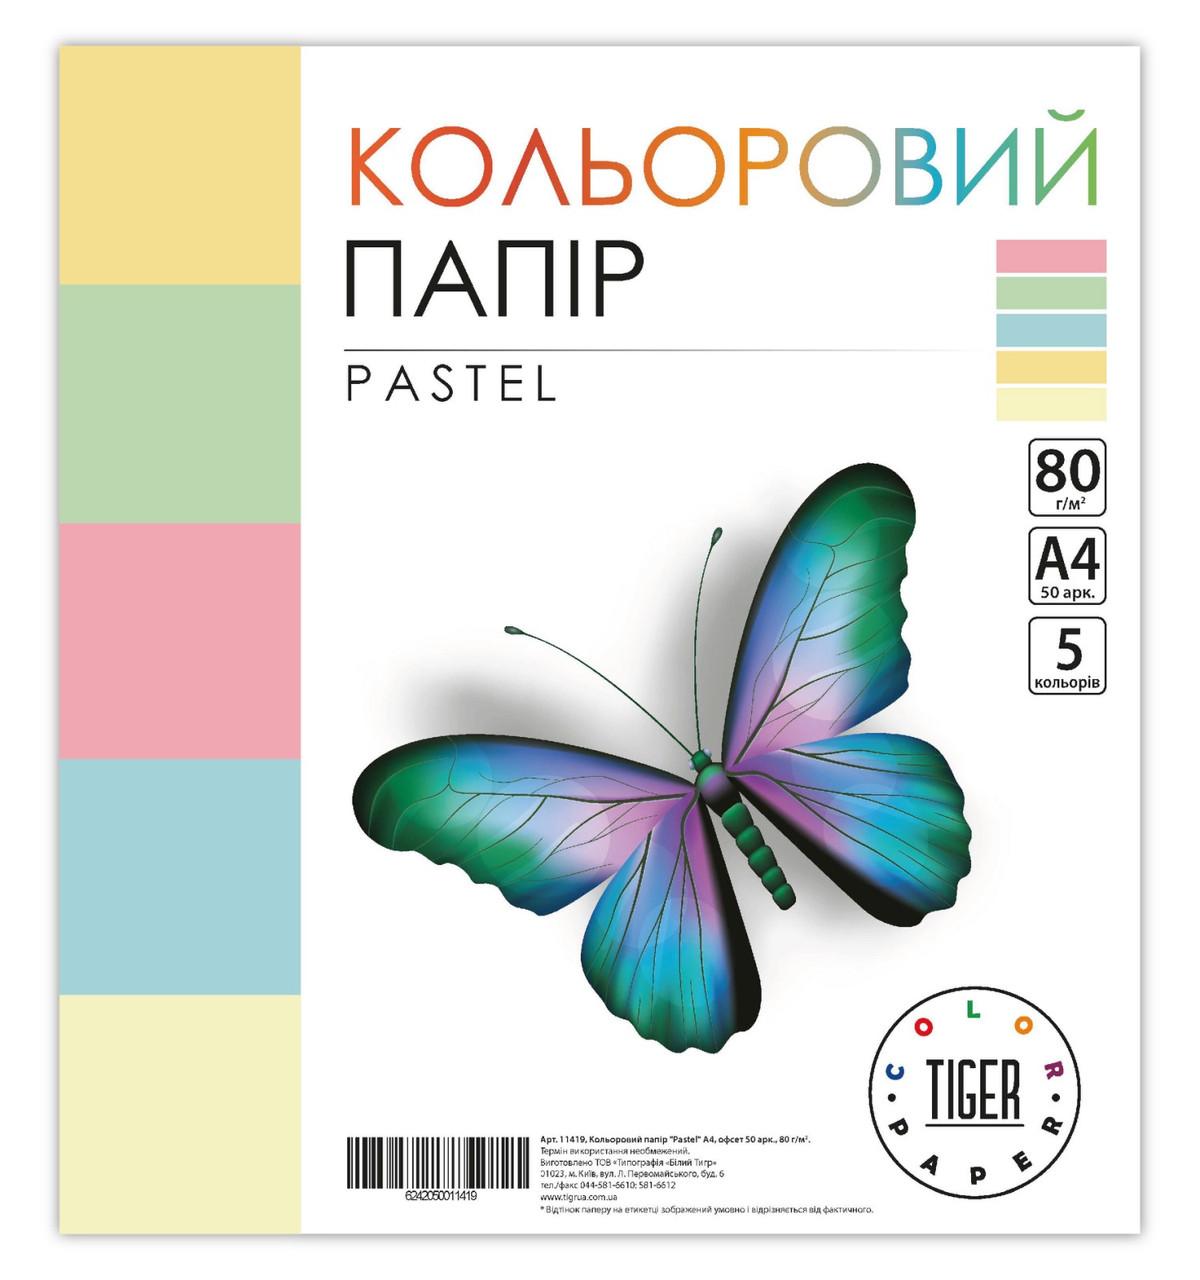 """Кольоровий папір """"Pastel"""" А4, офсет 50 арк., 80 г/м2"""